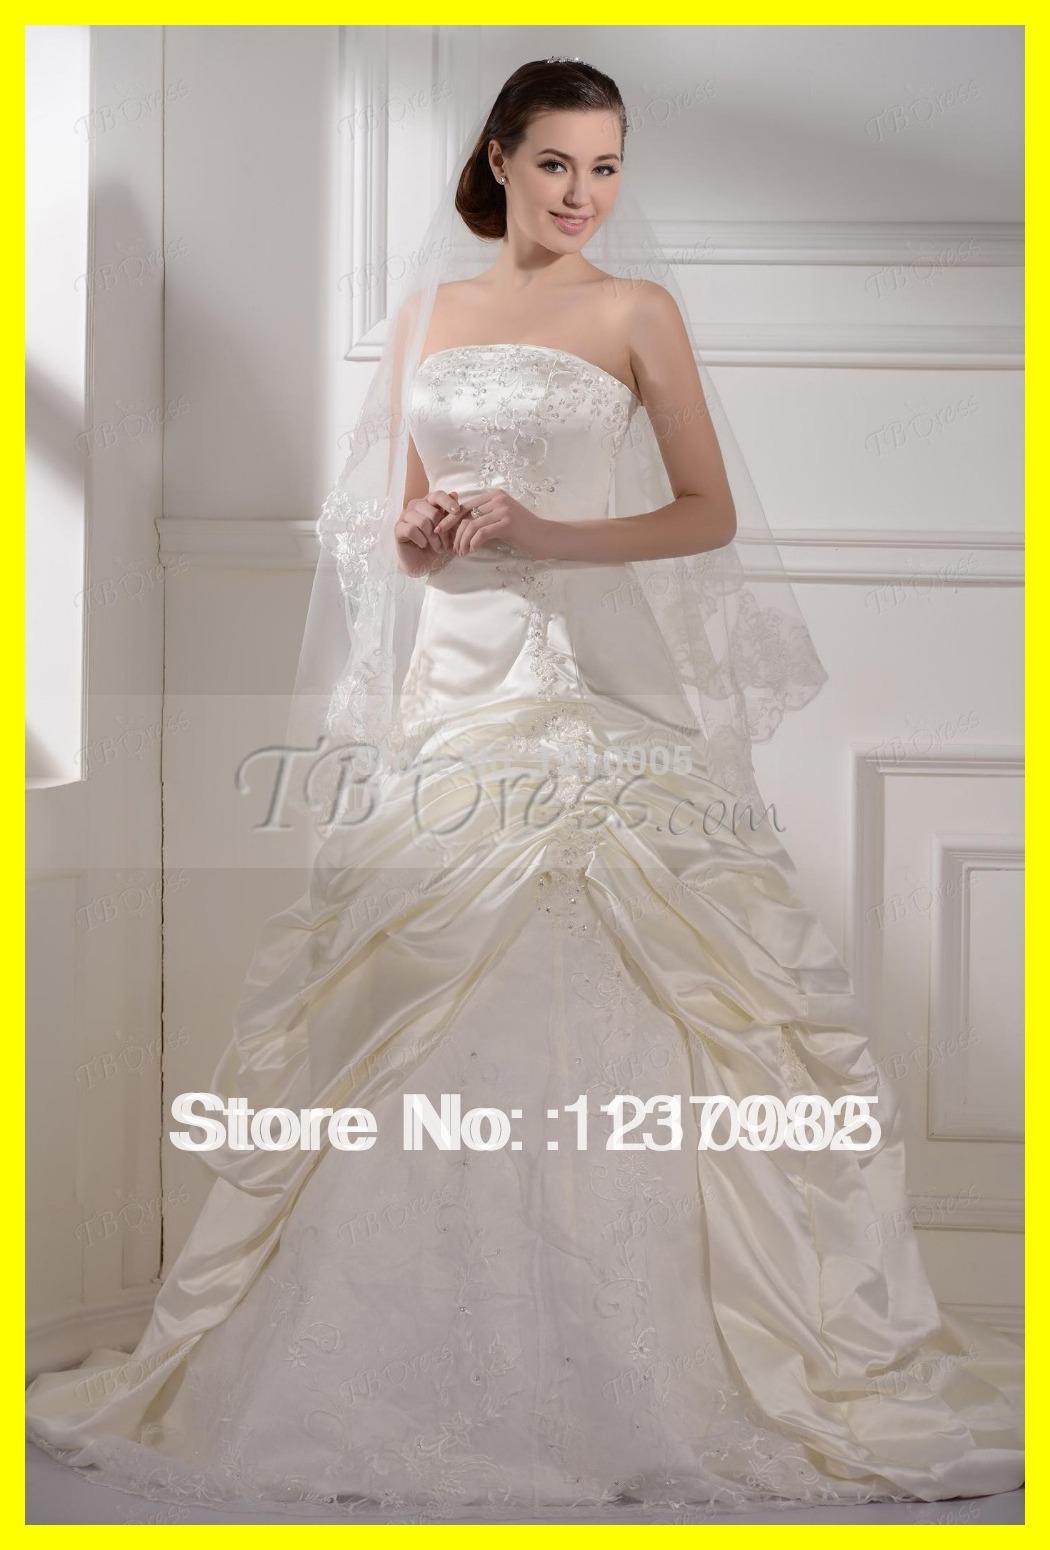 Großartig Mieten Sie Ihr Hochzeitskleid Zeitgenössisch ...